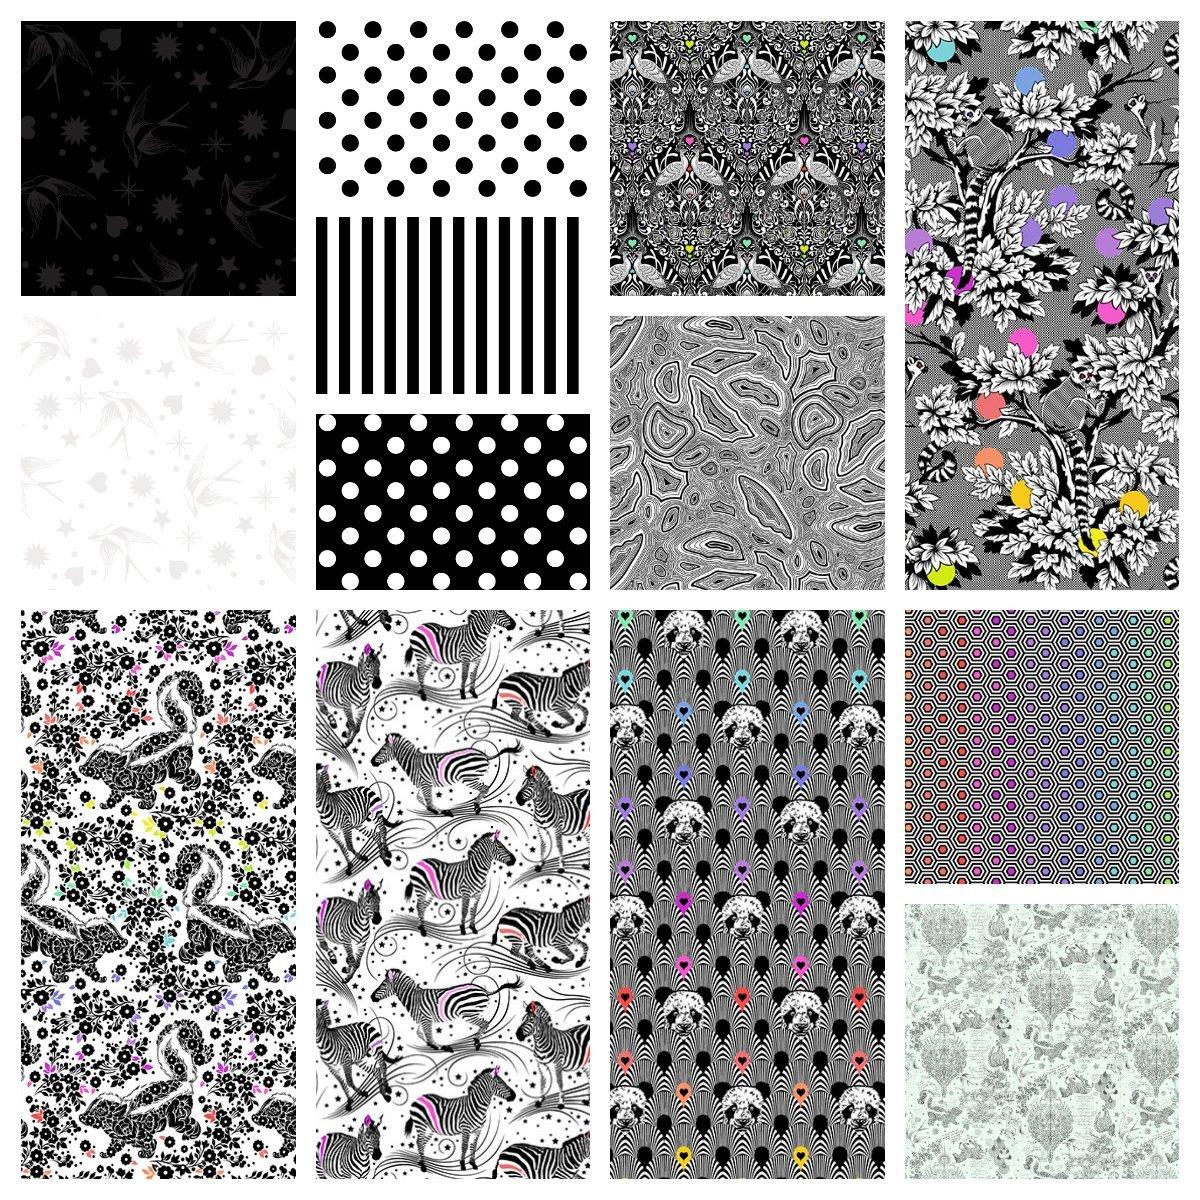 Linework - Pre-Cut Hexagons - 42 pcs